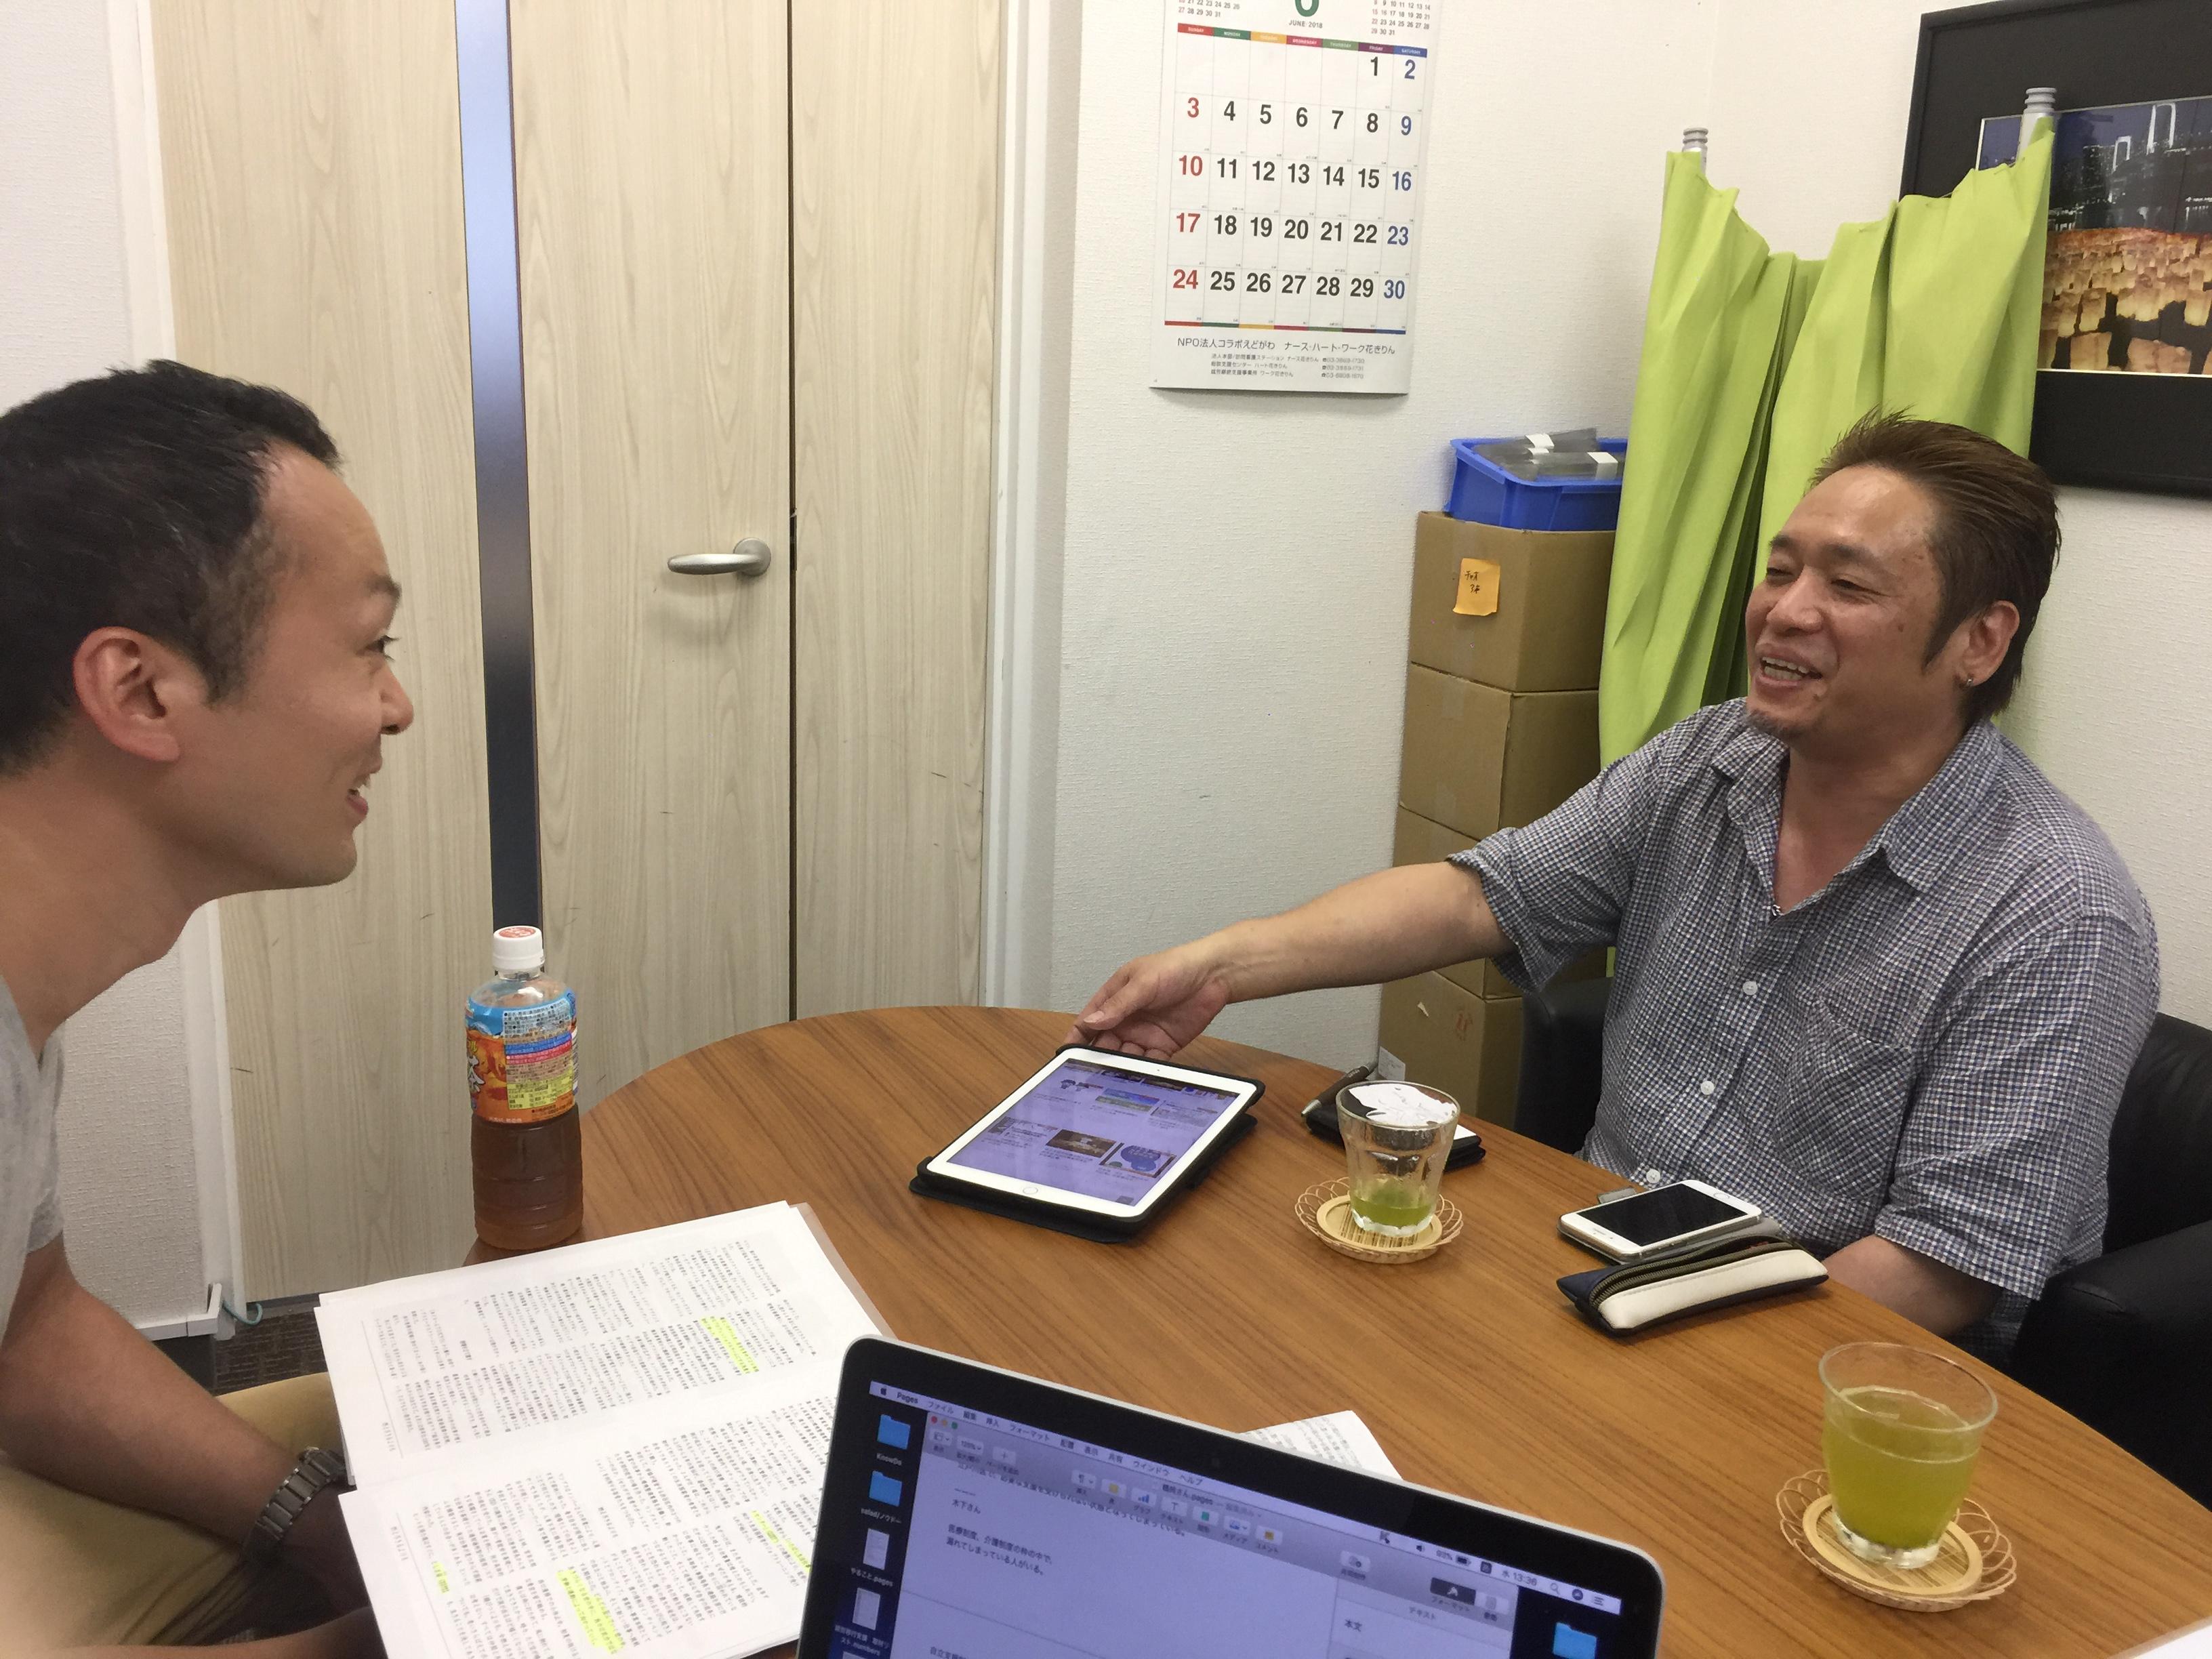 鶴岡さんとワーカースコープ所長の木下さんの対談